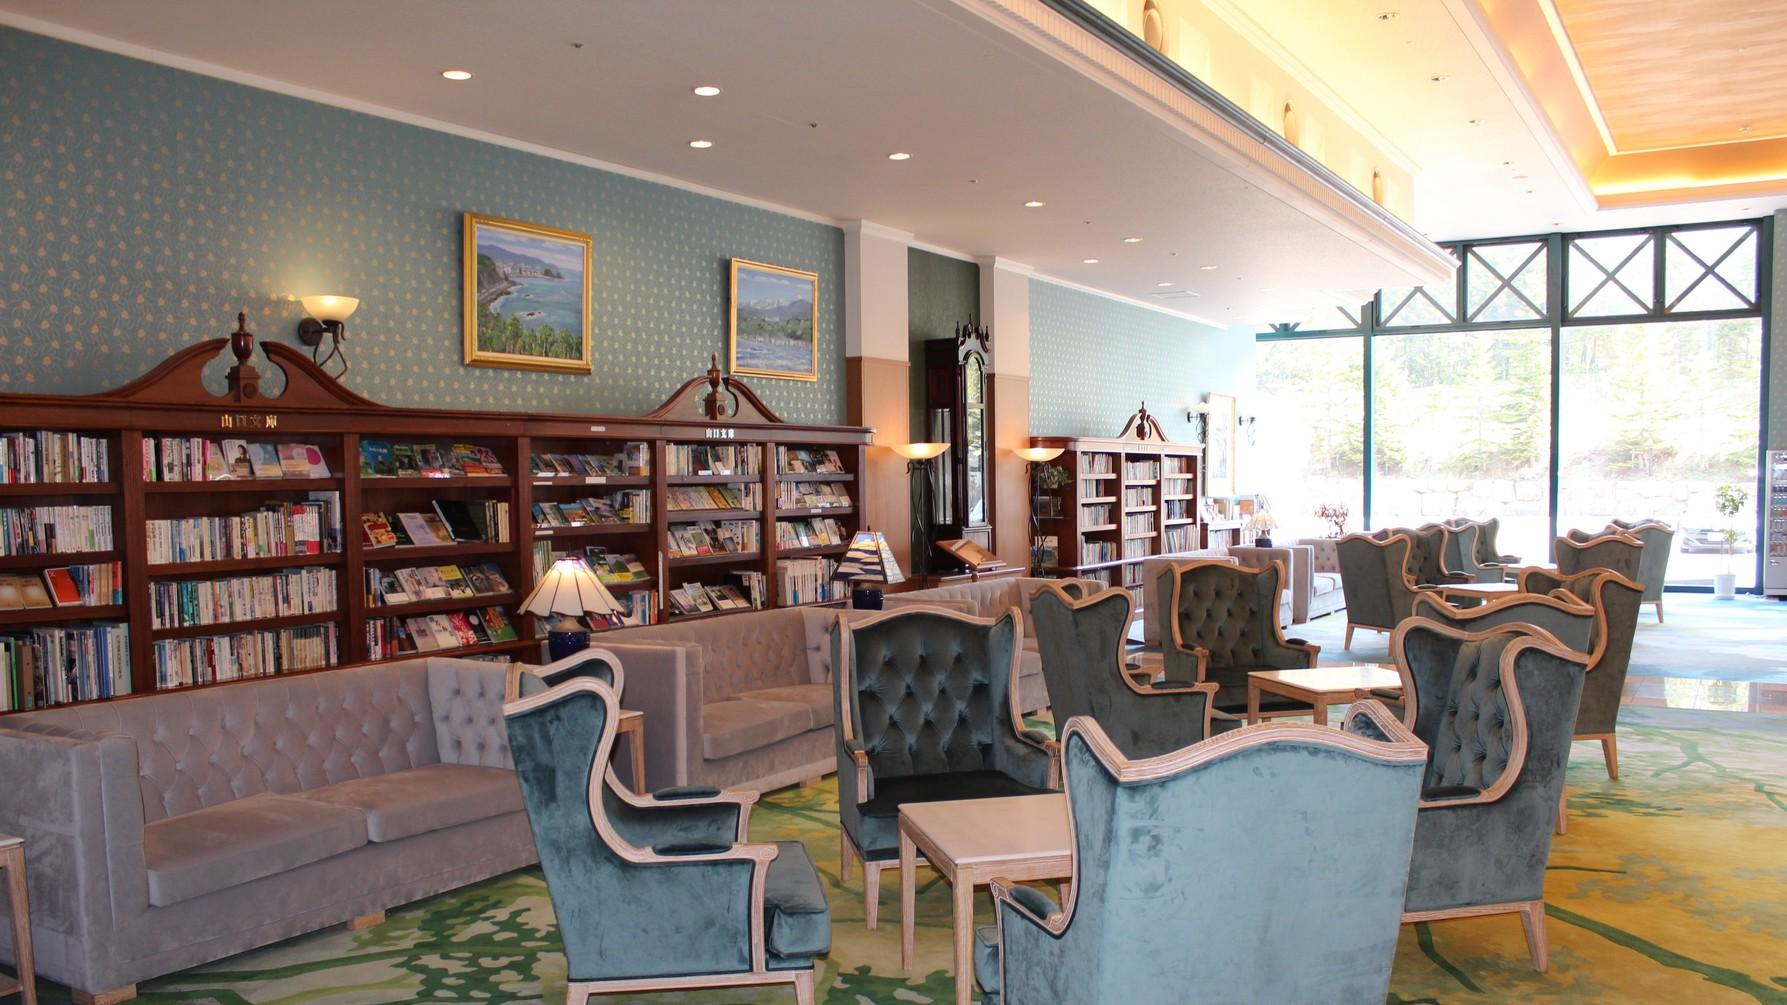 「山口文庫」ご宿泊のお客様には無料でお部屋までお持ちいただけます。